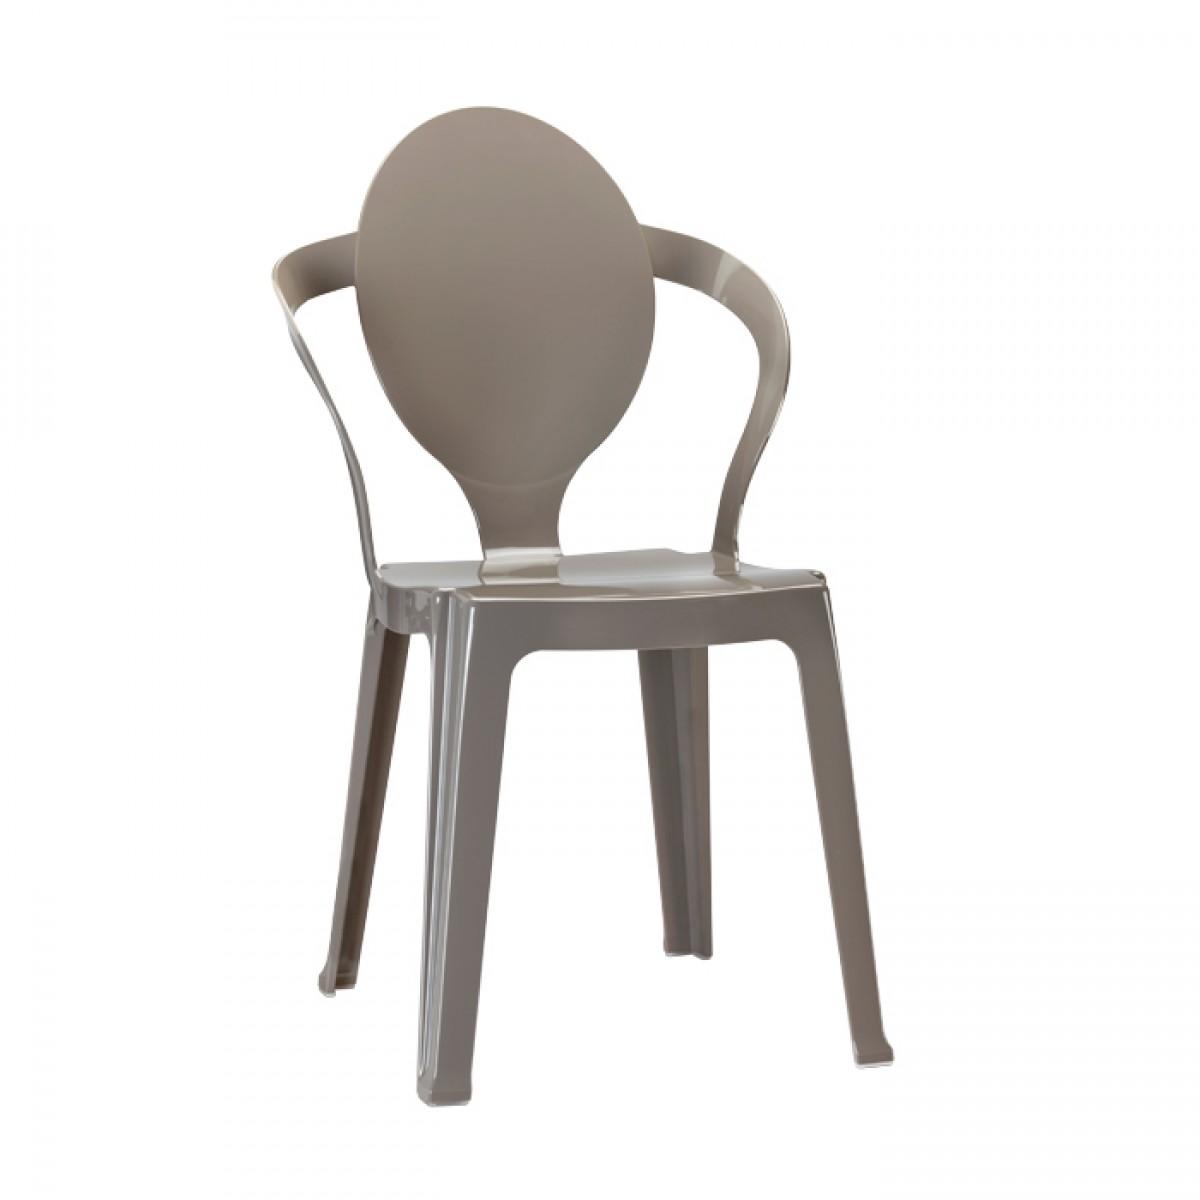 Spoon Scab Design tortora krzesło nowoczesne